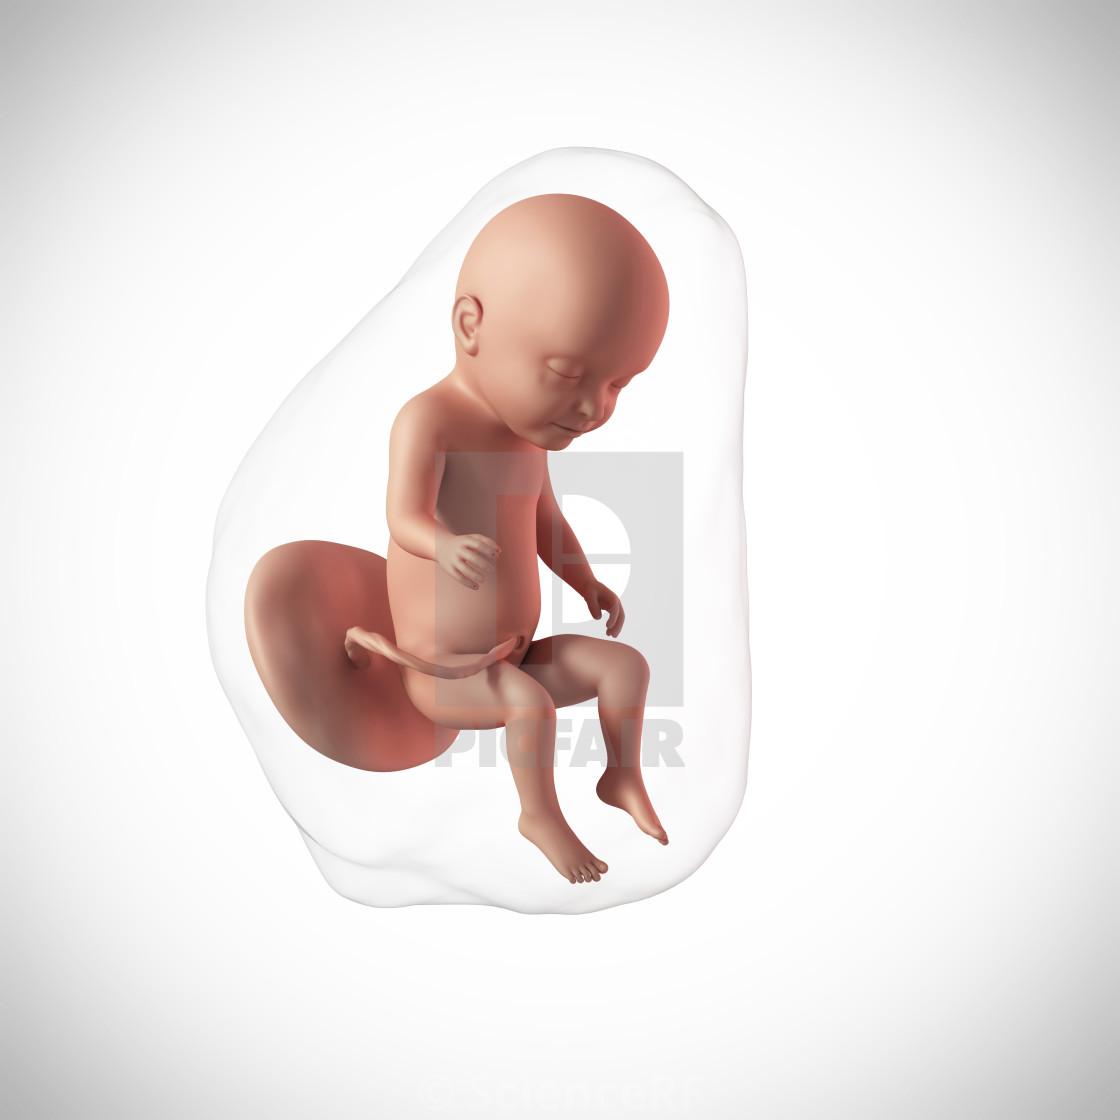 31 неделя беременности: что происходит с малышом и мамой